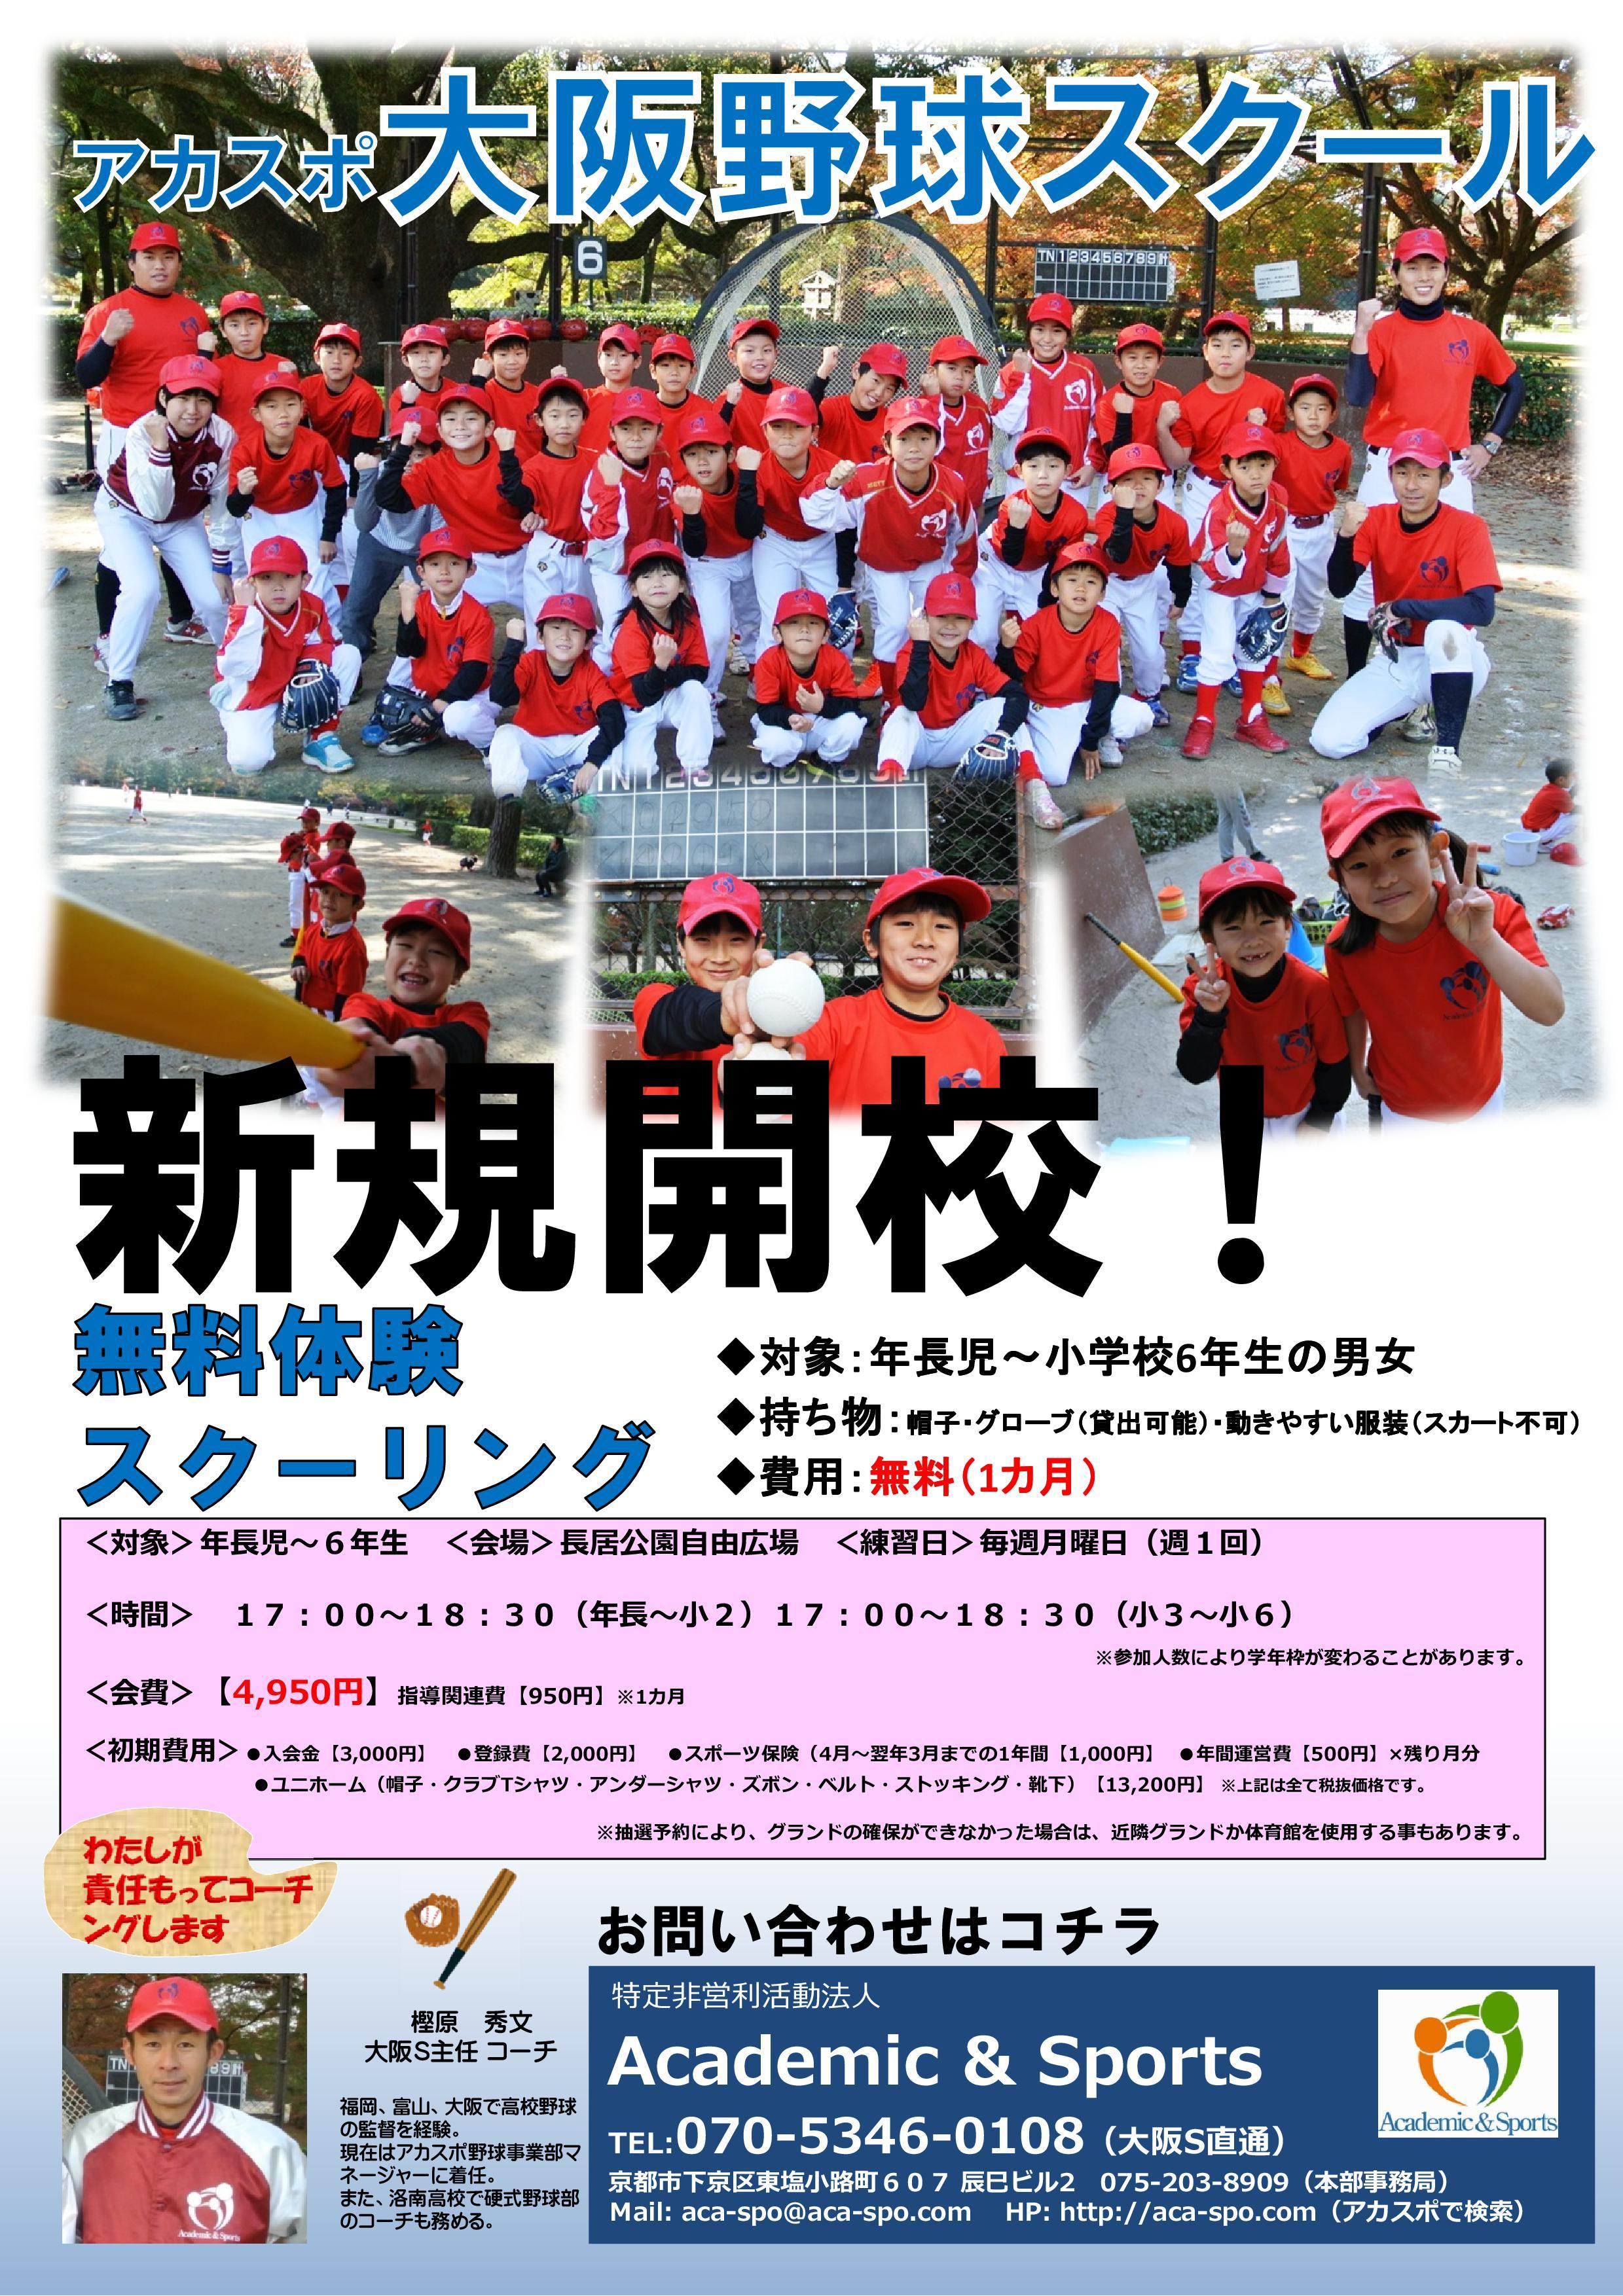 【野球スクール】大阪(長居)スクール 新規開校!